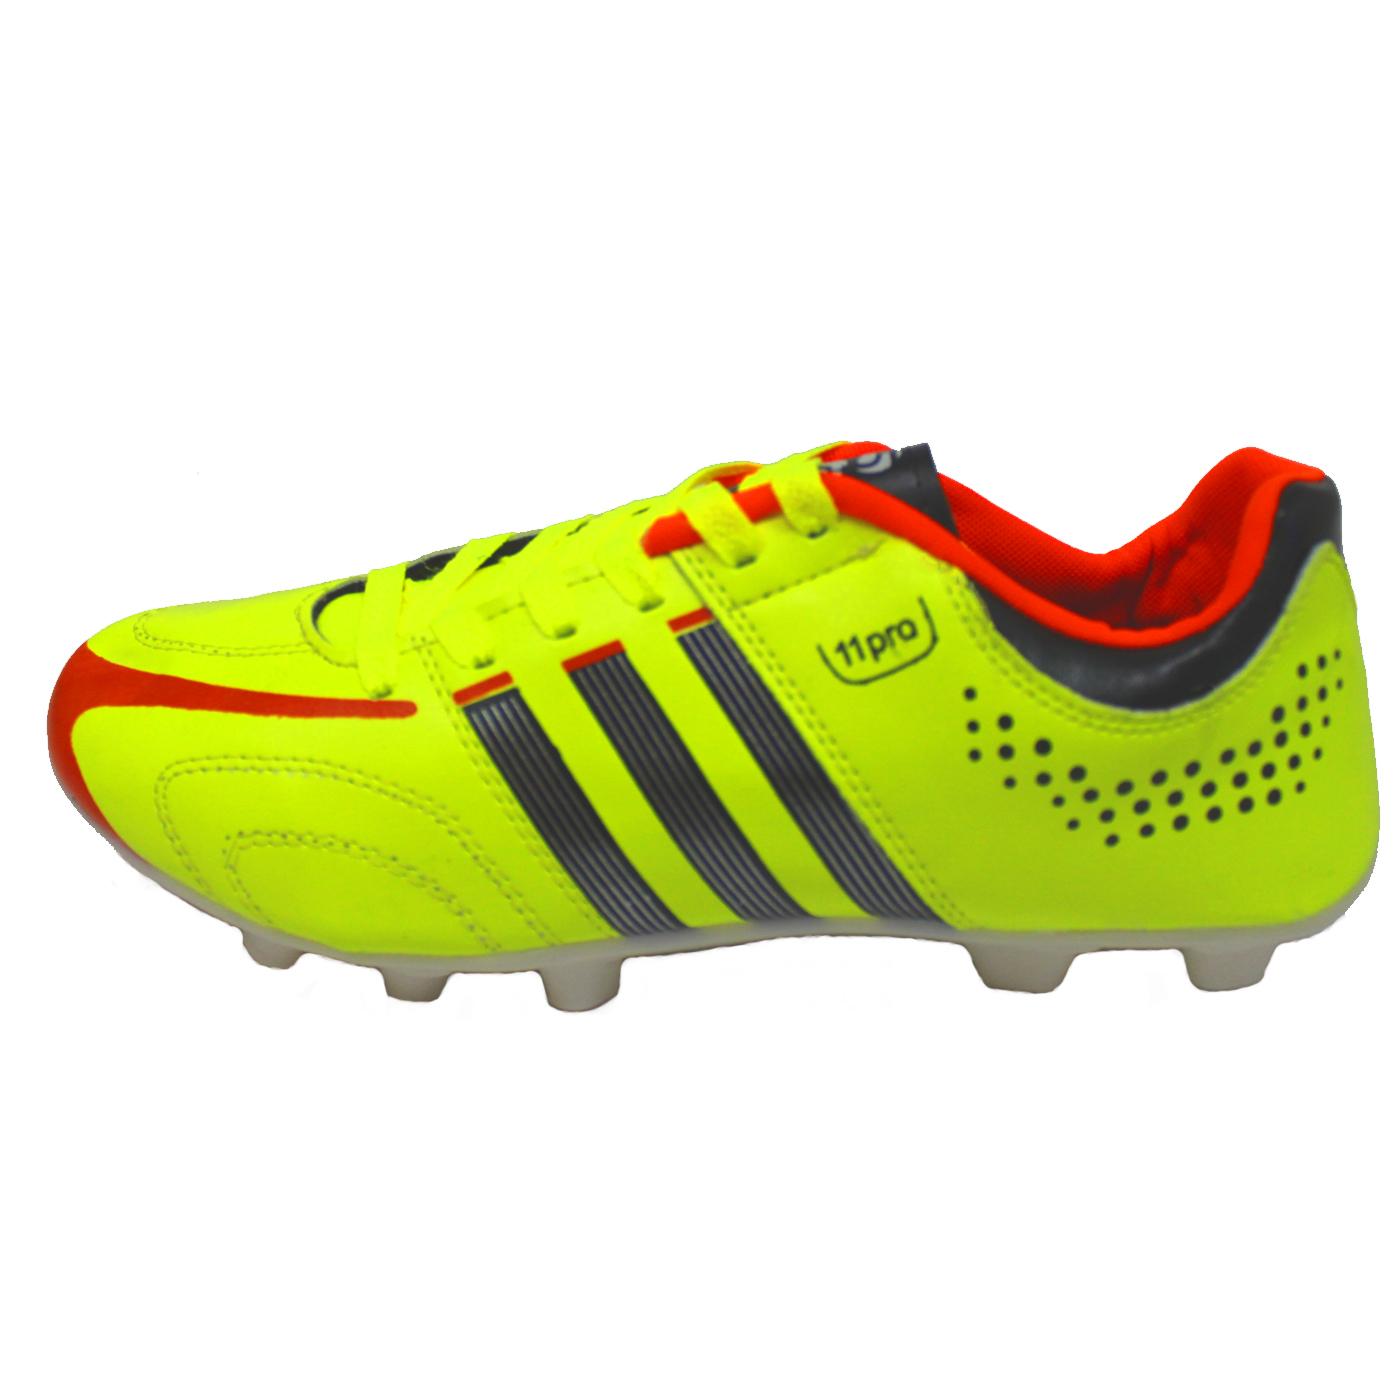 قیمت کفش فوتبال مردانه مدل PRO-03